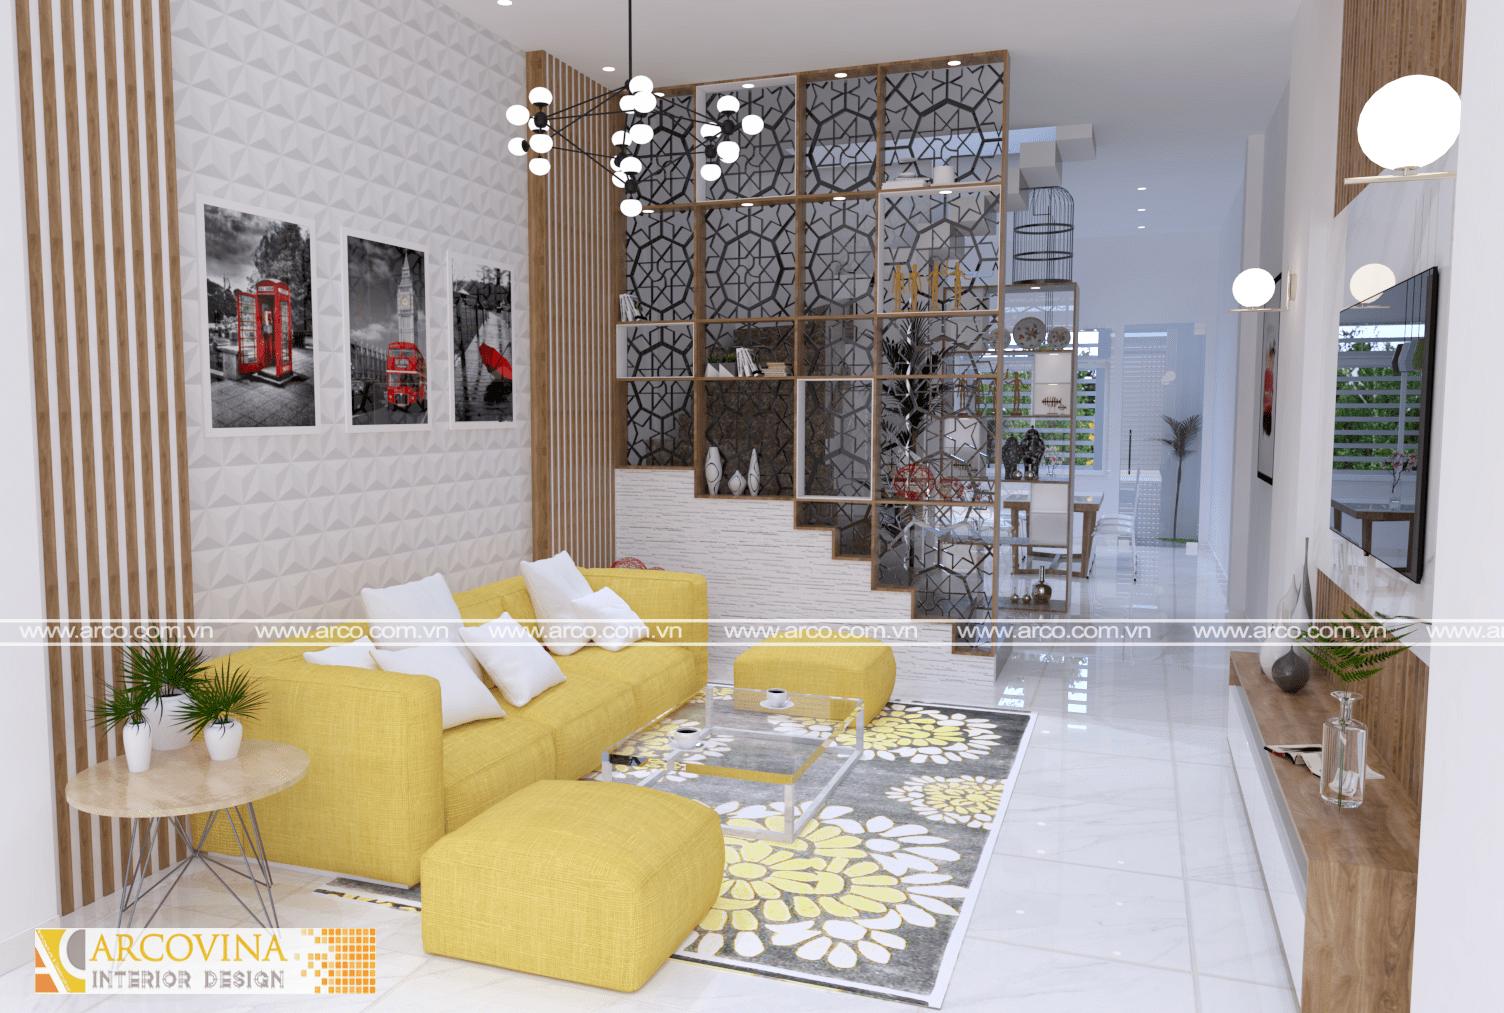 Thiết kế nội thất nhà lô ở Thành phố Cao Bằng